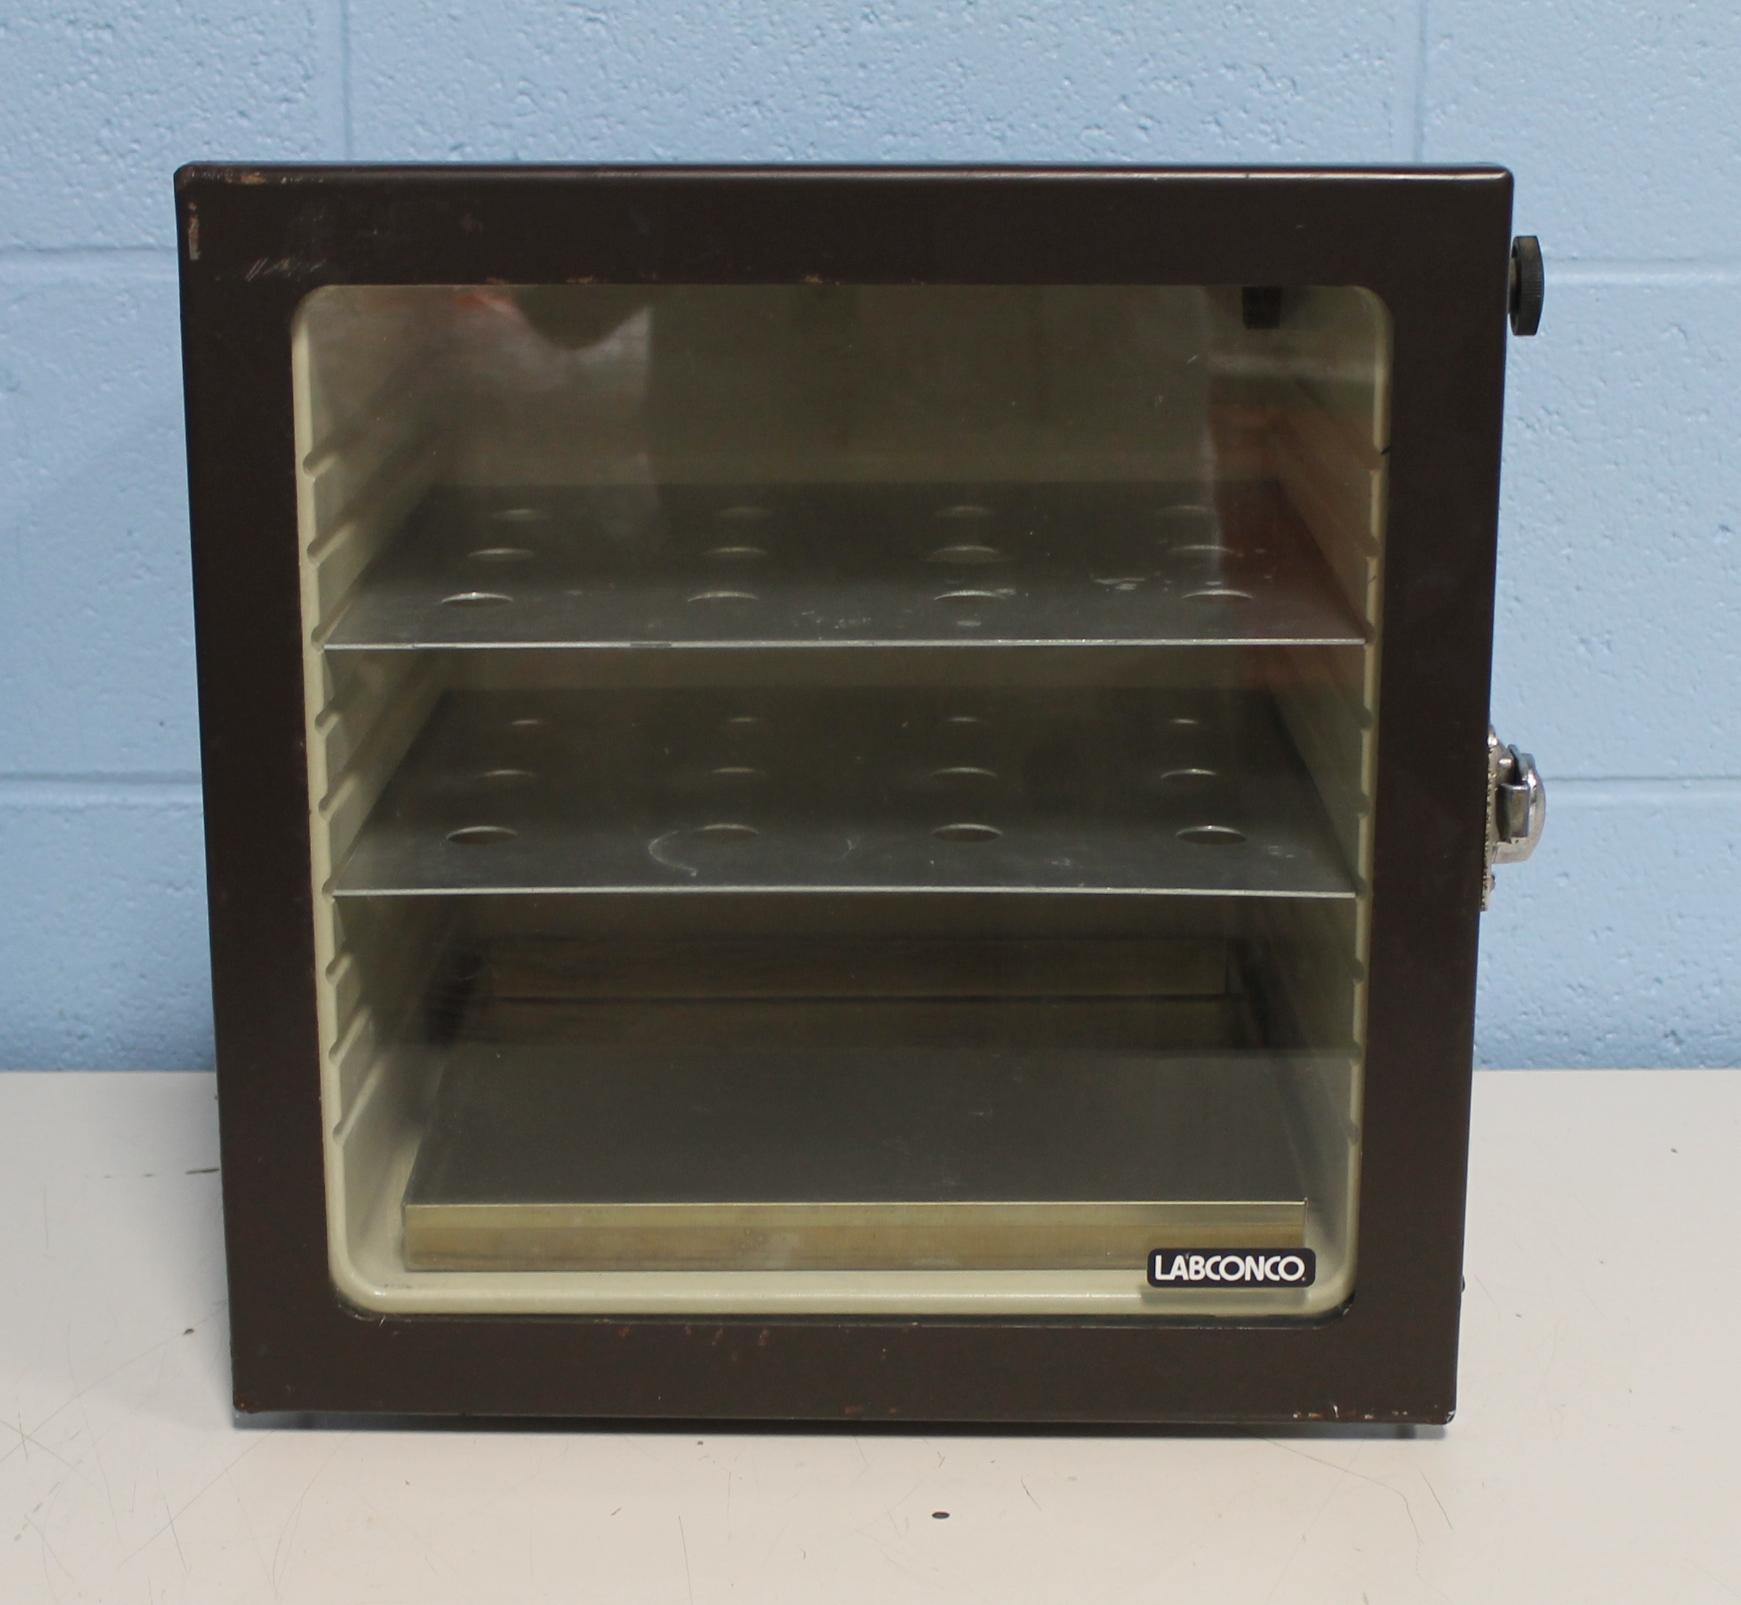 Refurbished Labconco Vacuum Desiccator Cat 5530000